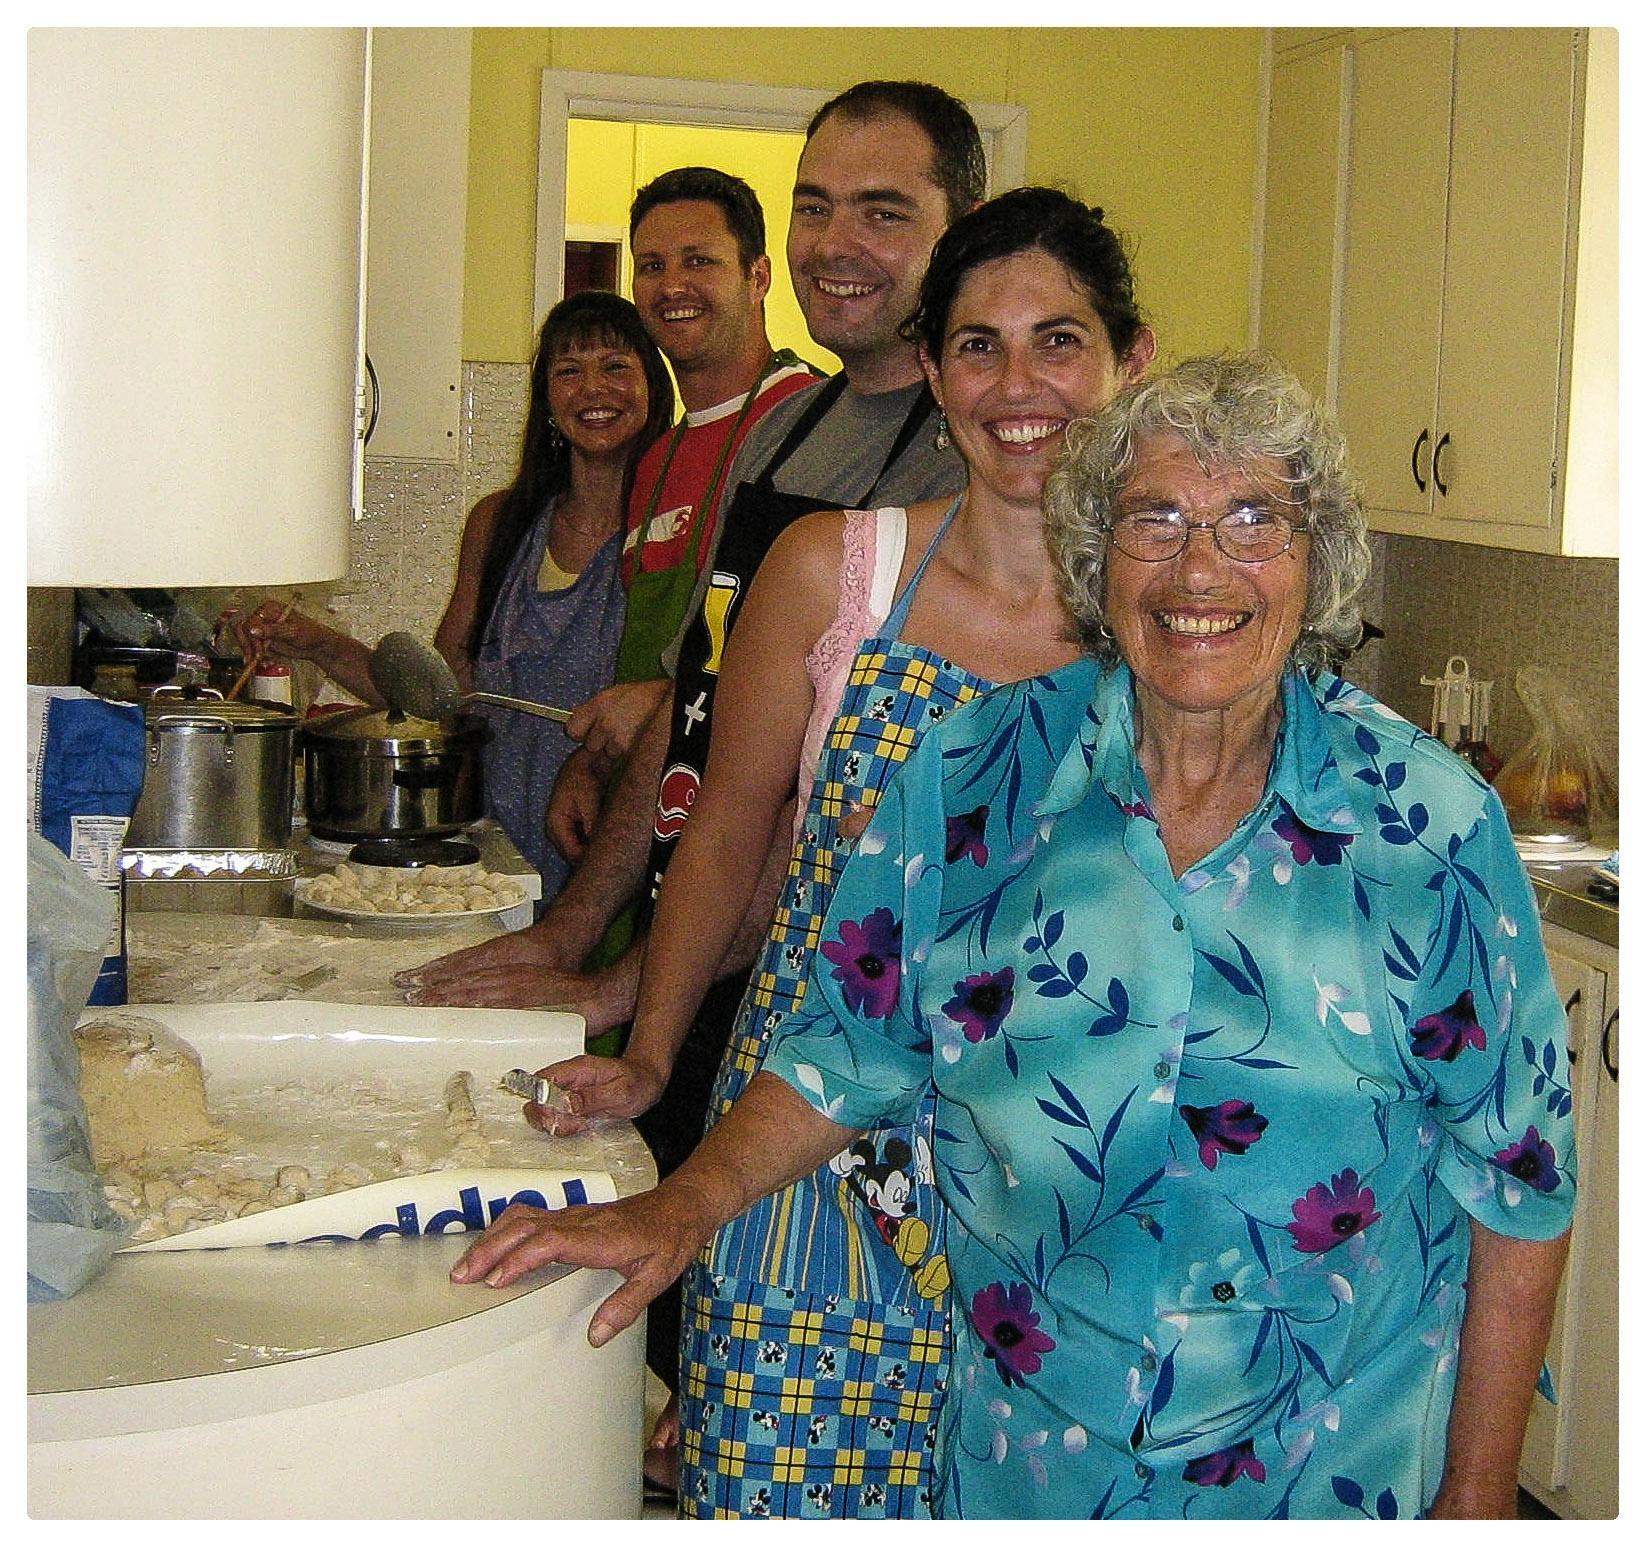 Gnocchi with Nonna